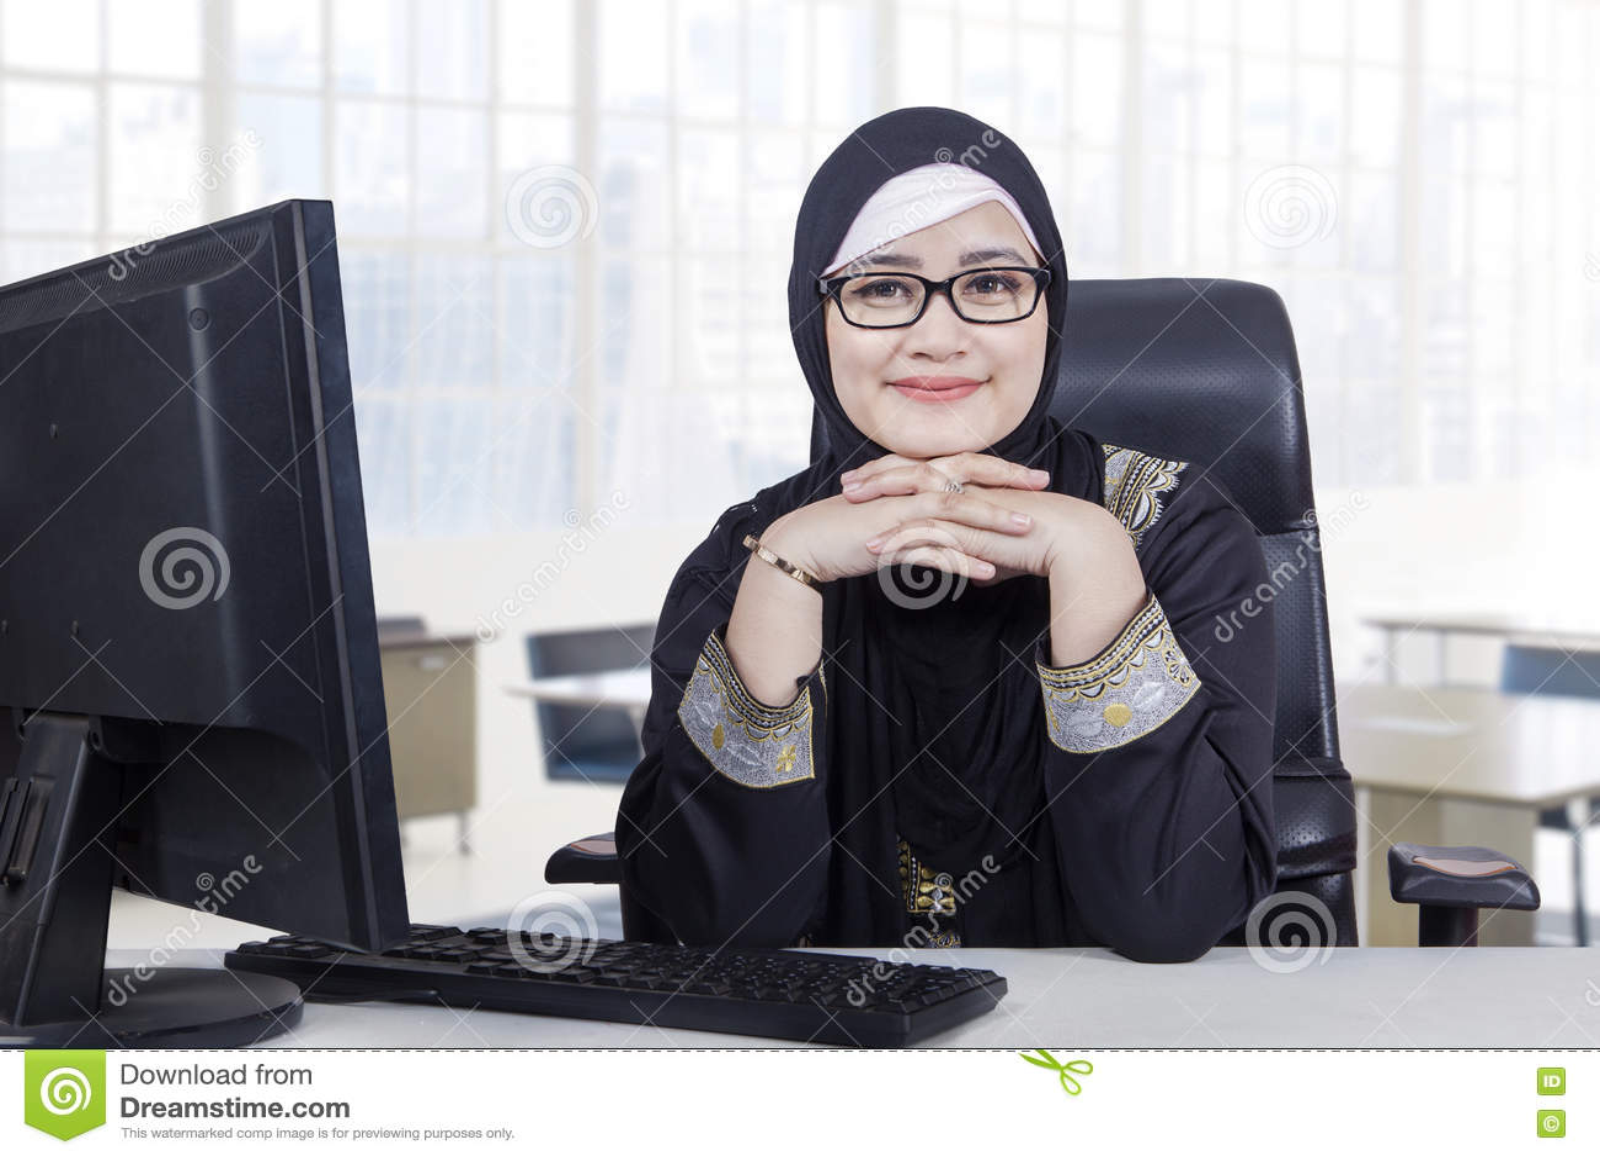 Αραβική γυναίκα με το χαμόγελο headscarf στην αρχή